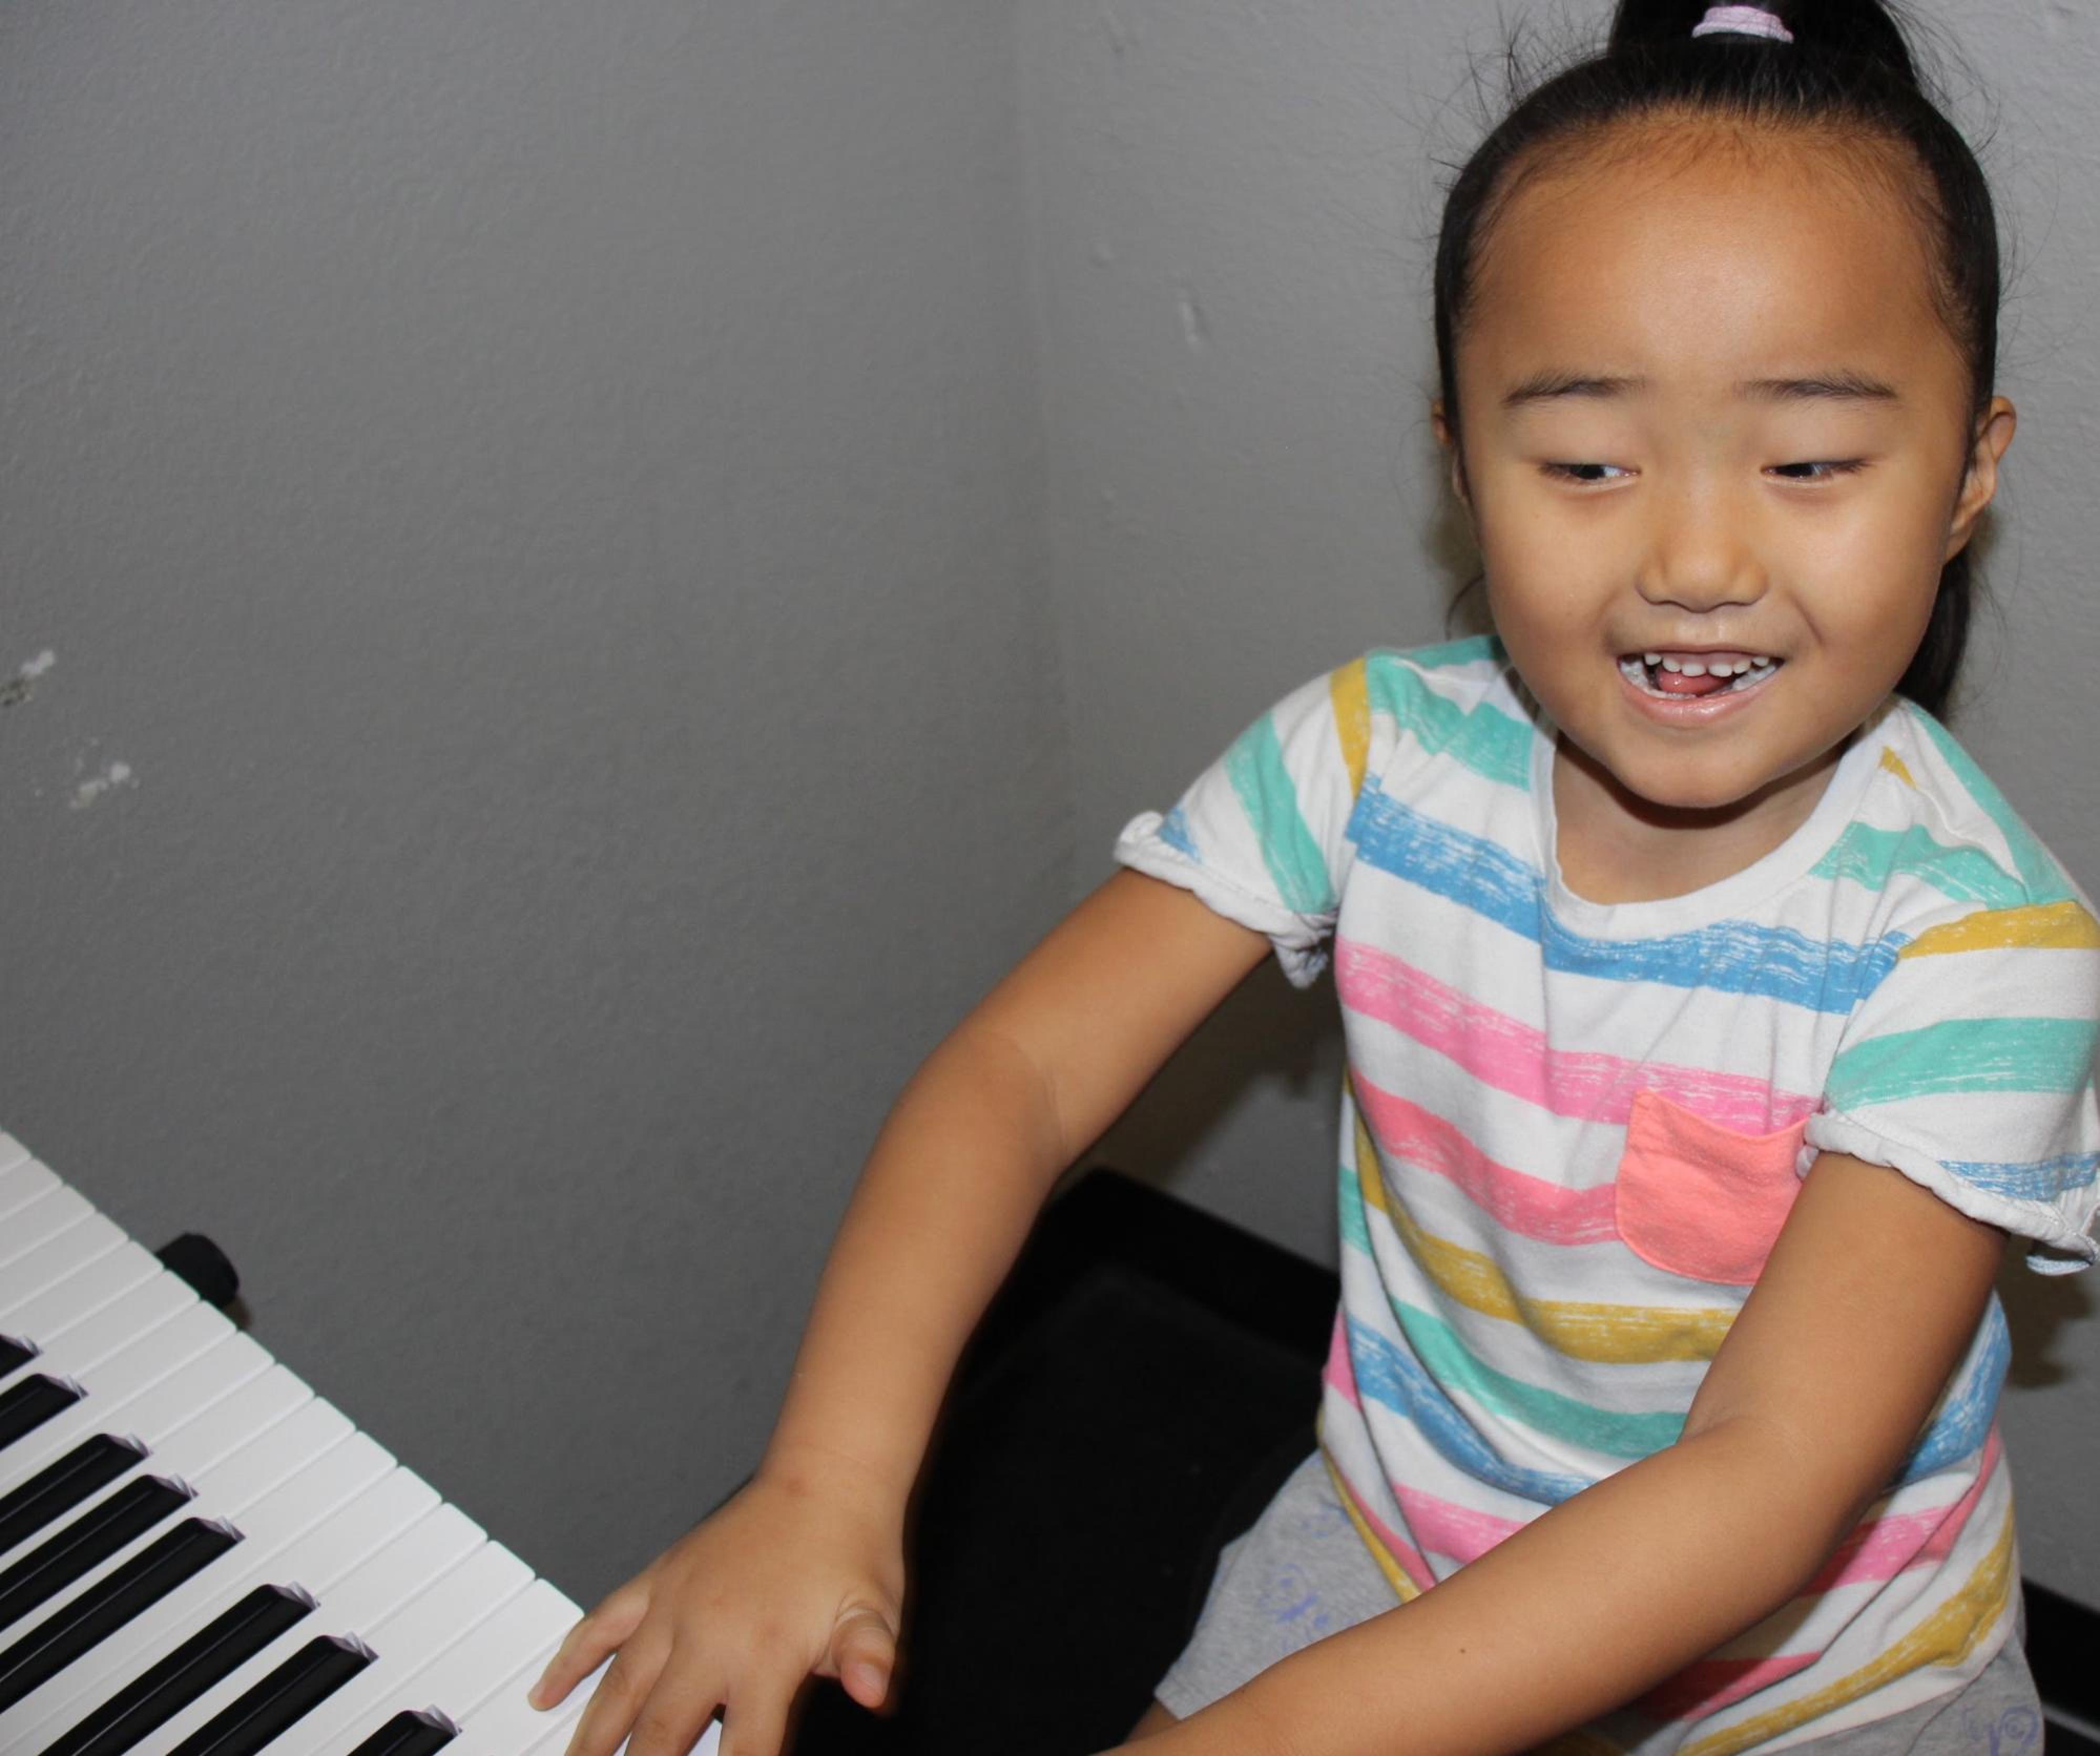 piano lessons near me in edison nj